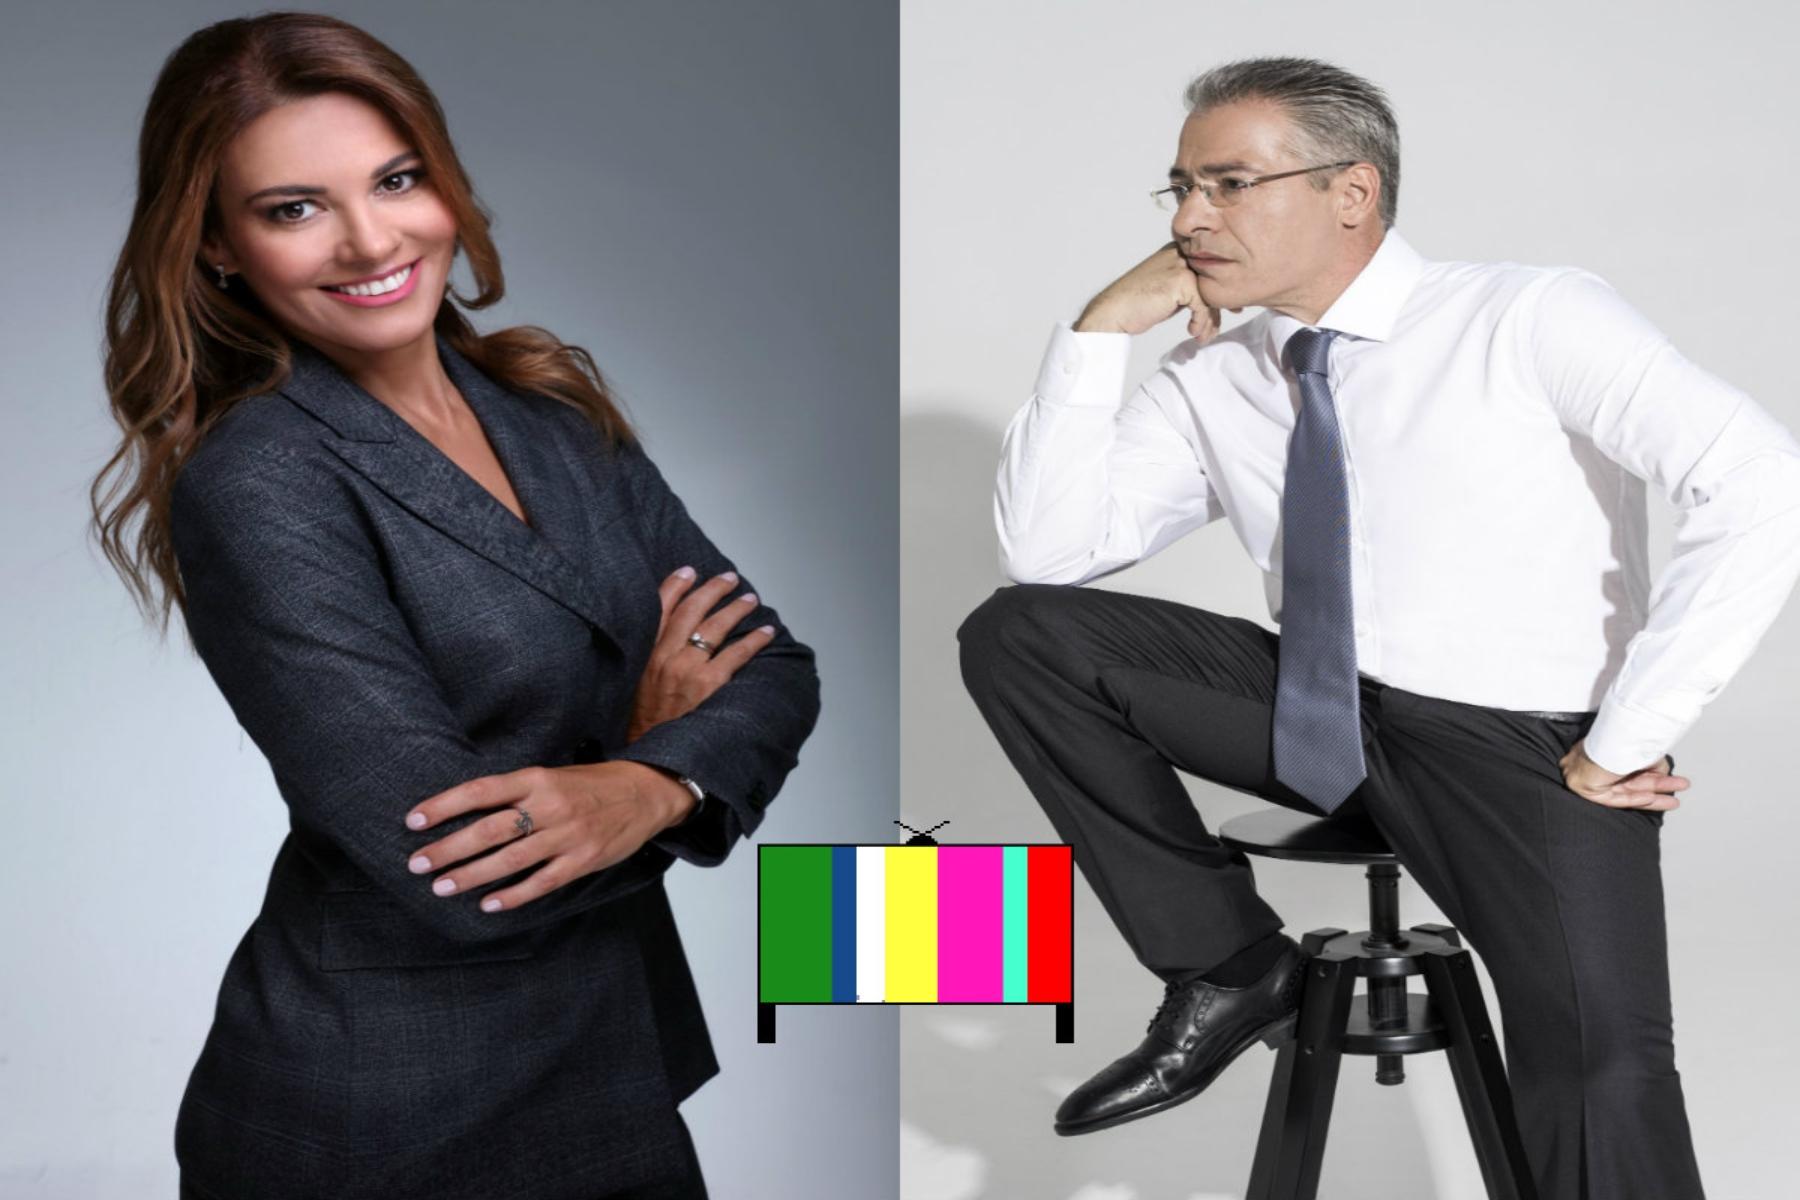 Νίκος Μάνεσης - Φαίη Μαυραγάνη: ετοιμάζεται νέος «γάμος»! Το ζευγάρι τη νέα σεζόν κάτω από την ίδια τηλεοπτική στέγη;